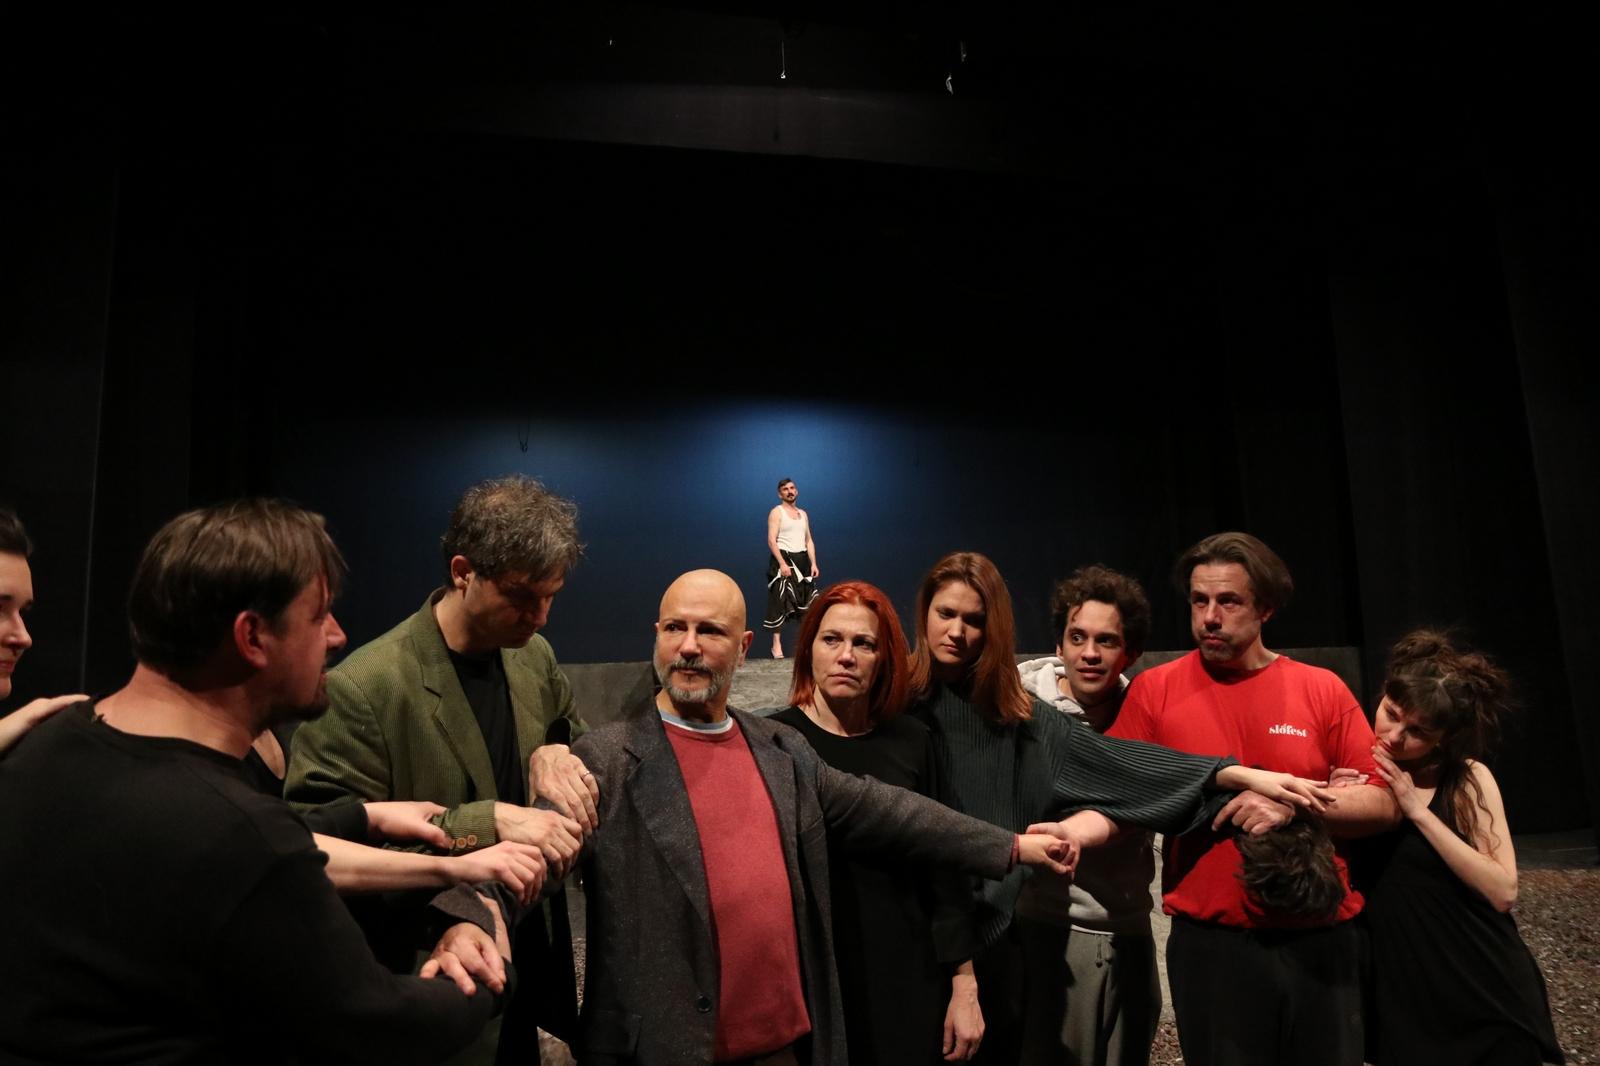 Premijera predstave 'Gorski divovi / I giganti della montagna' u riječkom Zajcu